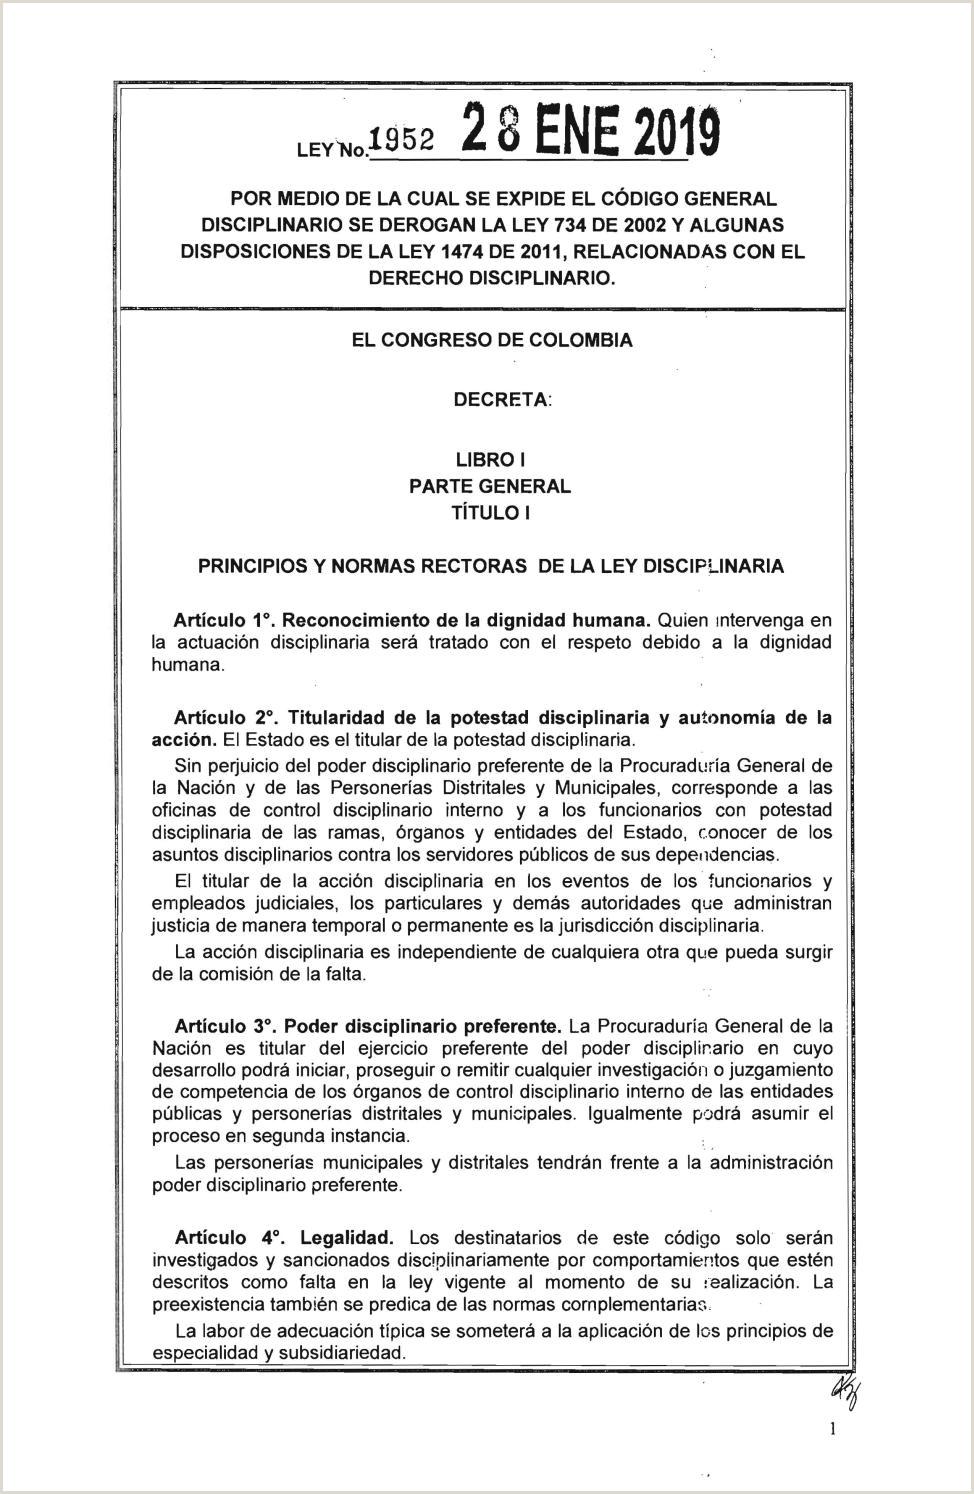 Formato Hoja De Vida Bienes Y Rentas Ley 1952 by La Libertad issuu